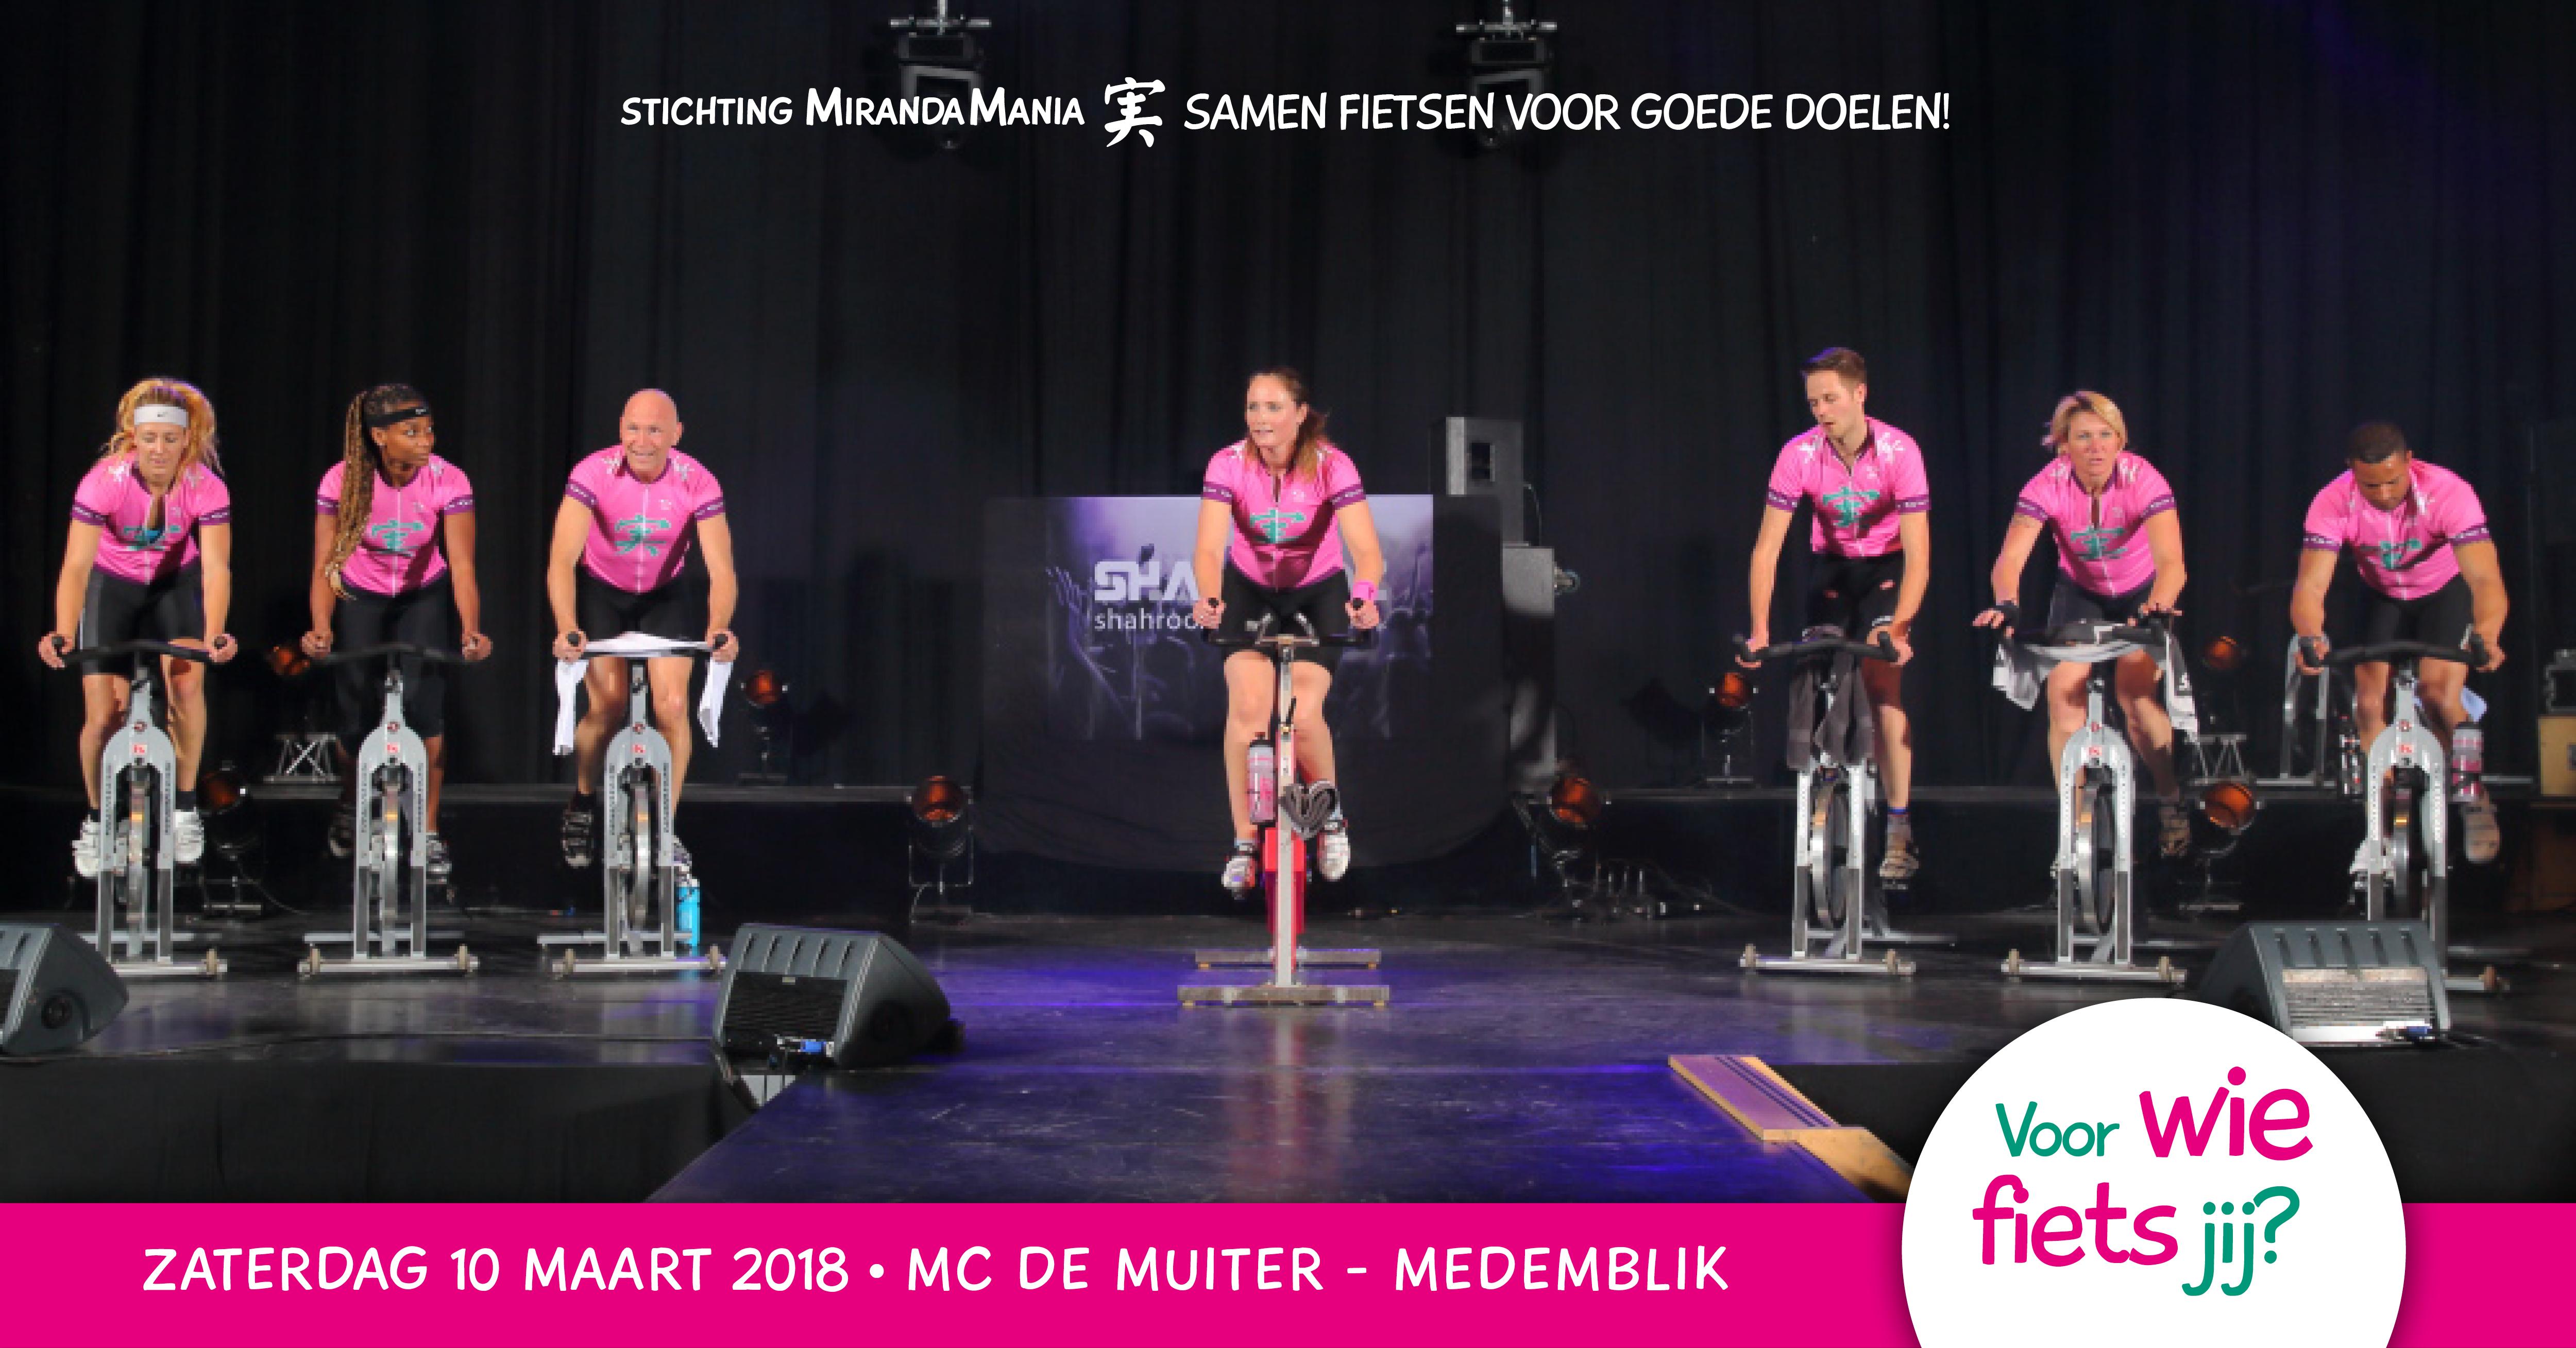 650689b41f8b03 MirandaMania Spinning Marathon zaterdag 10 maart 2018